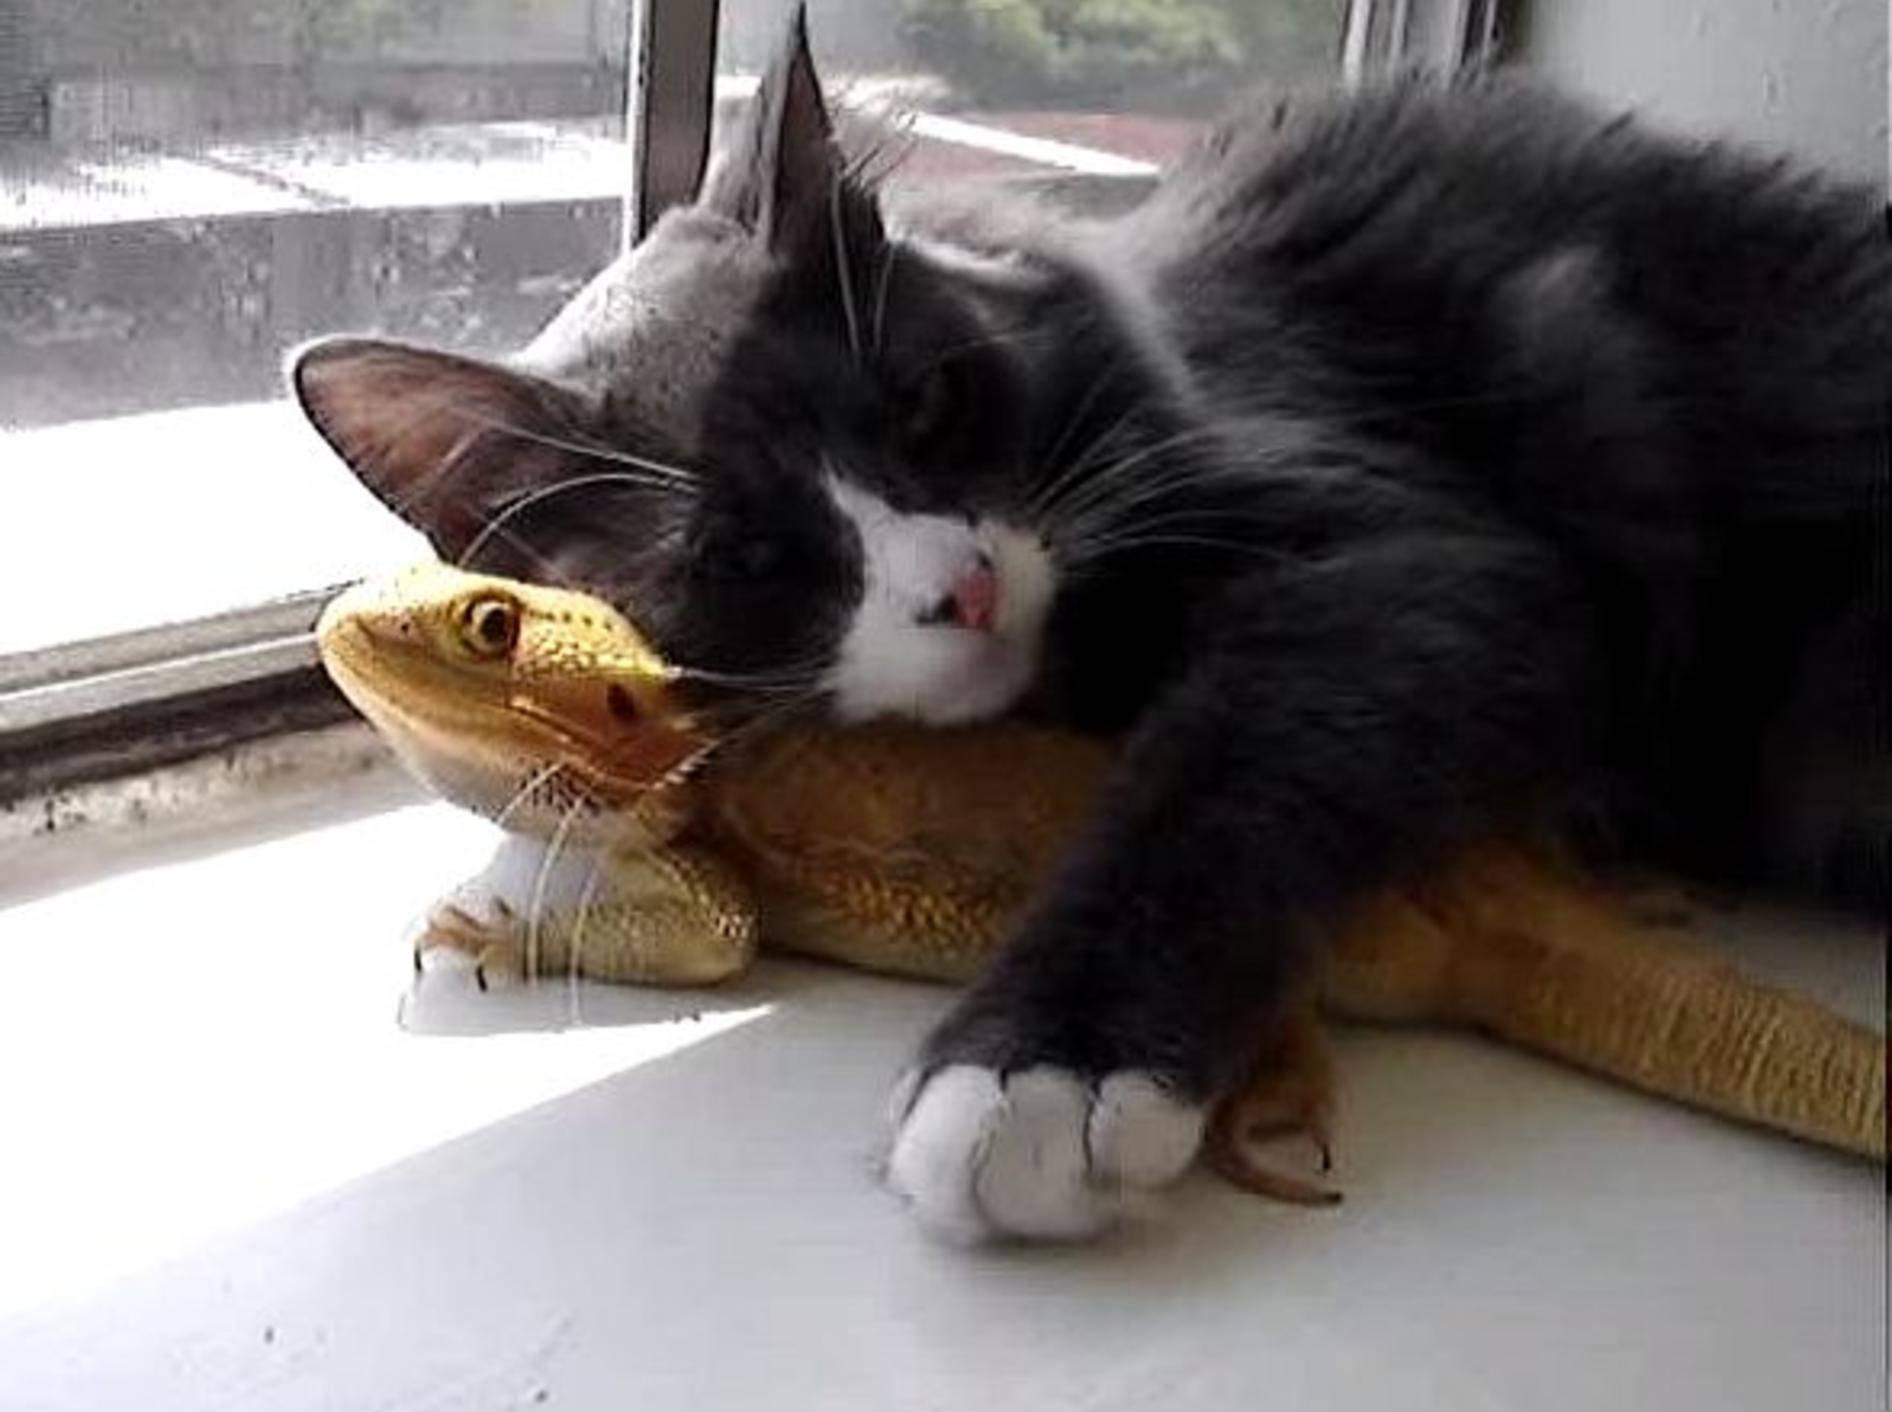 Katze und Echse: Ein ungewöhnliches Duo – Bild: Youtube / picklified